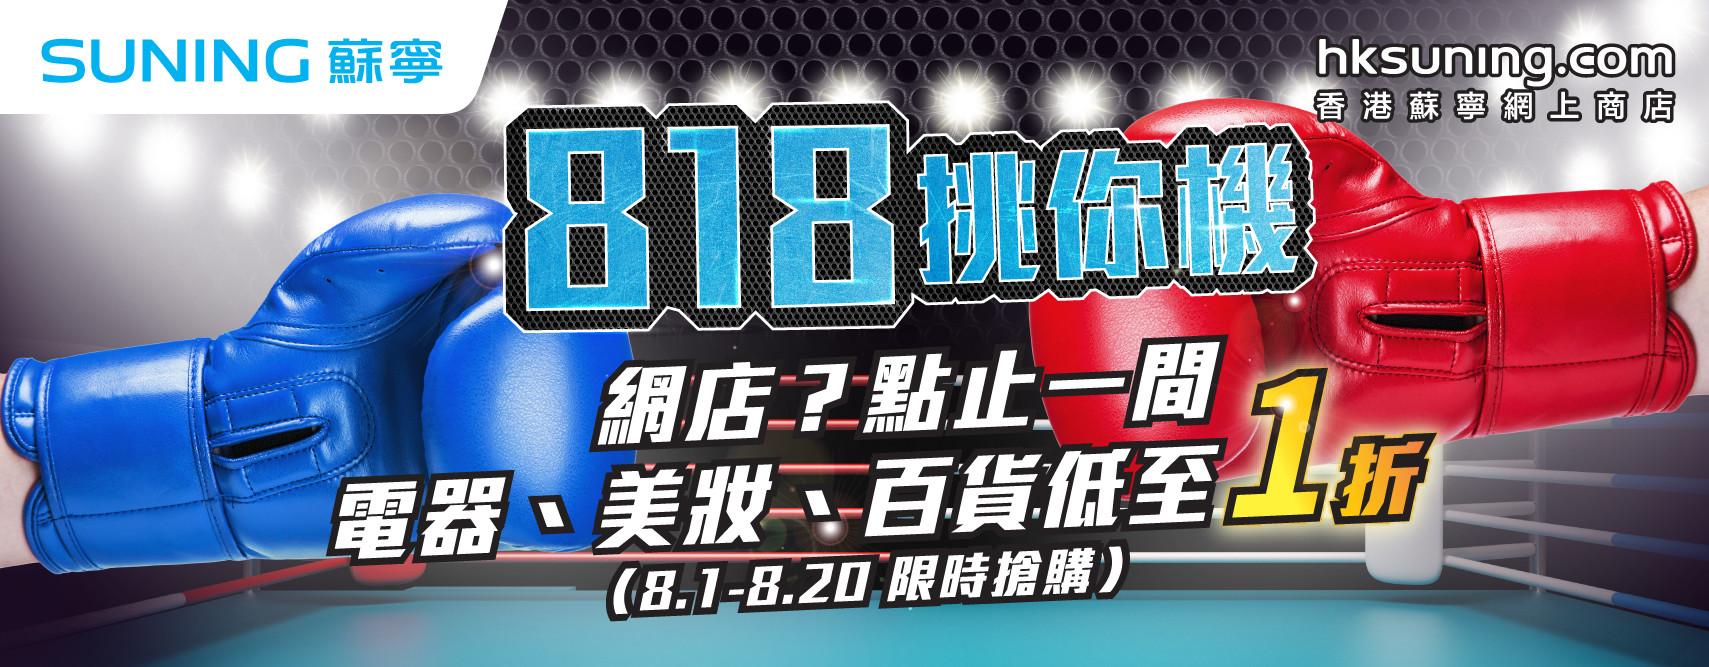 香港蘇寧網店「 818 促銷擂台 」  全場貨品低至 $8.18